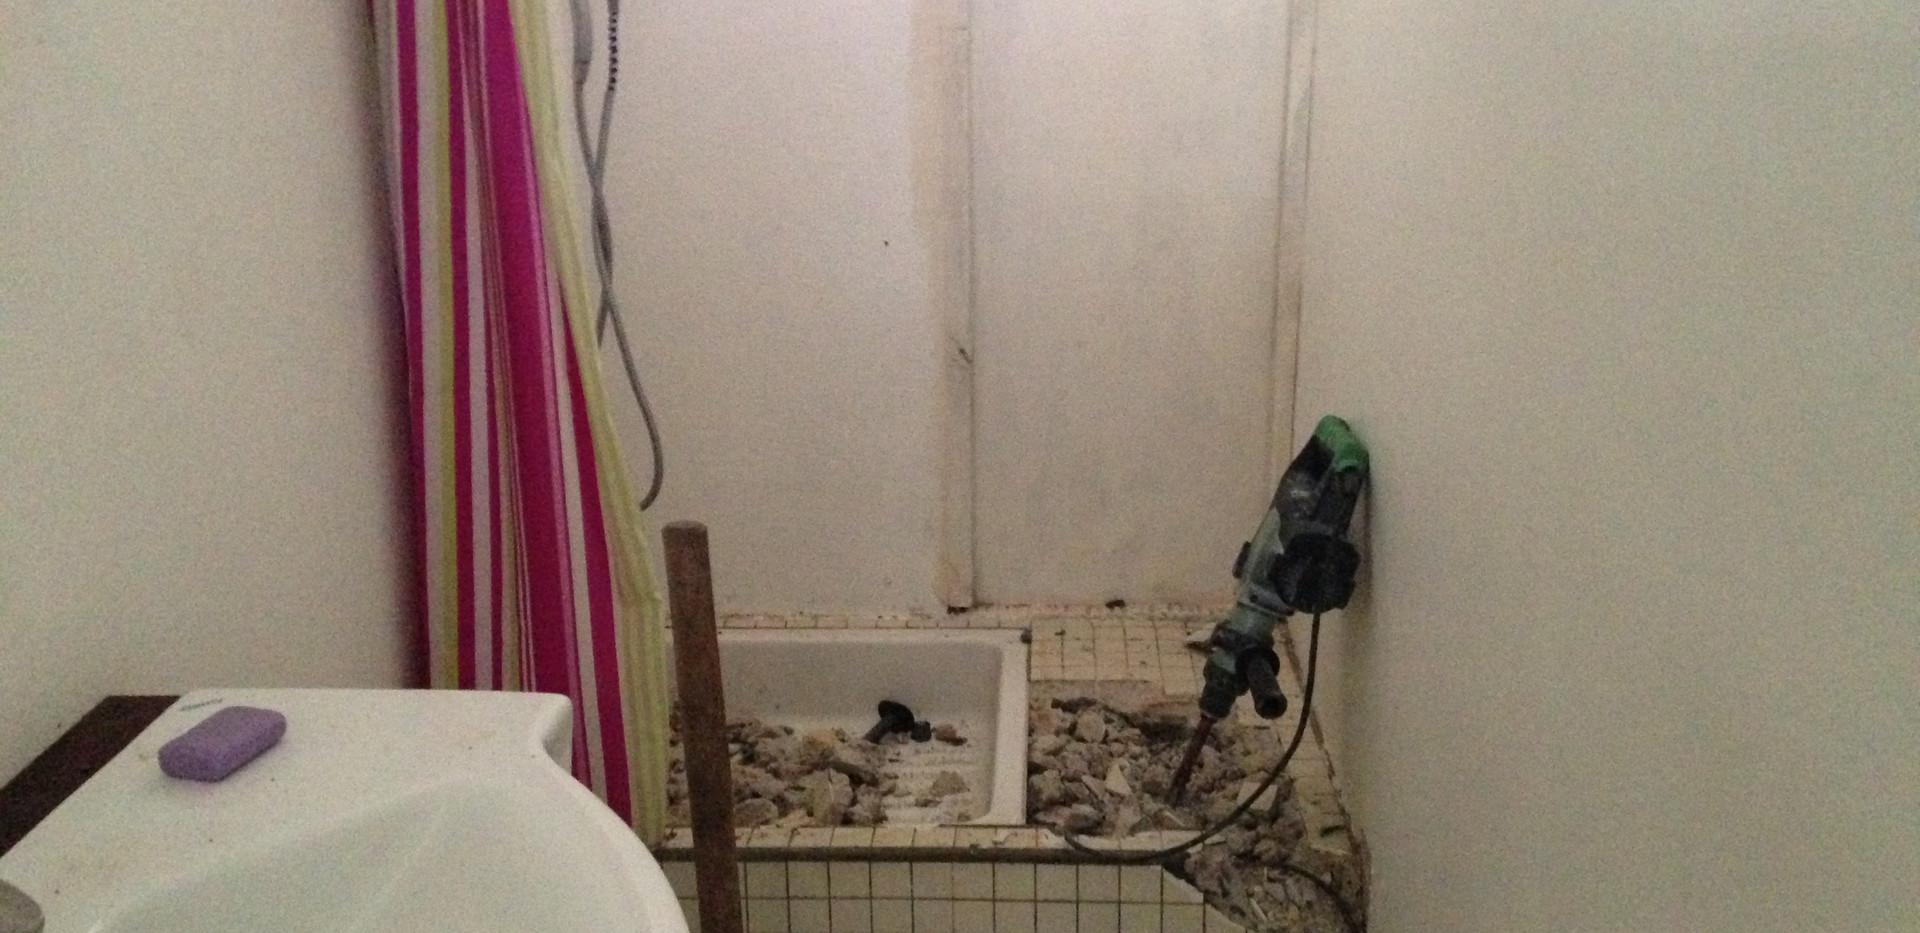 Tous travaux plomberie, electricité, carrelage 5 ESO BTP - Travaux de construction et rénovation - Guadeloupe